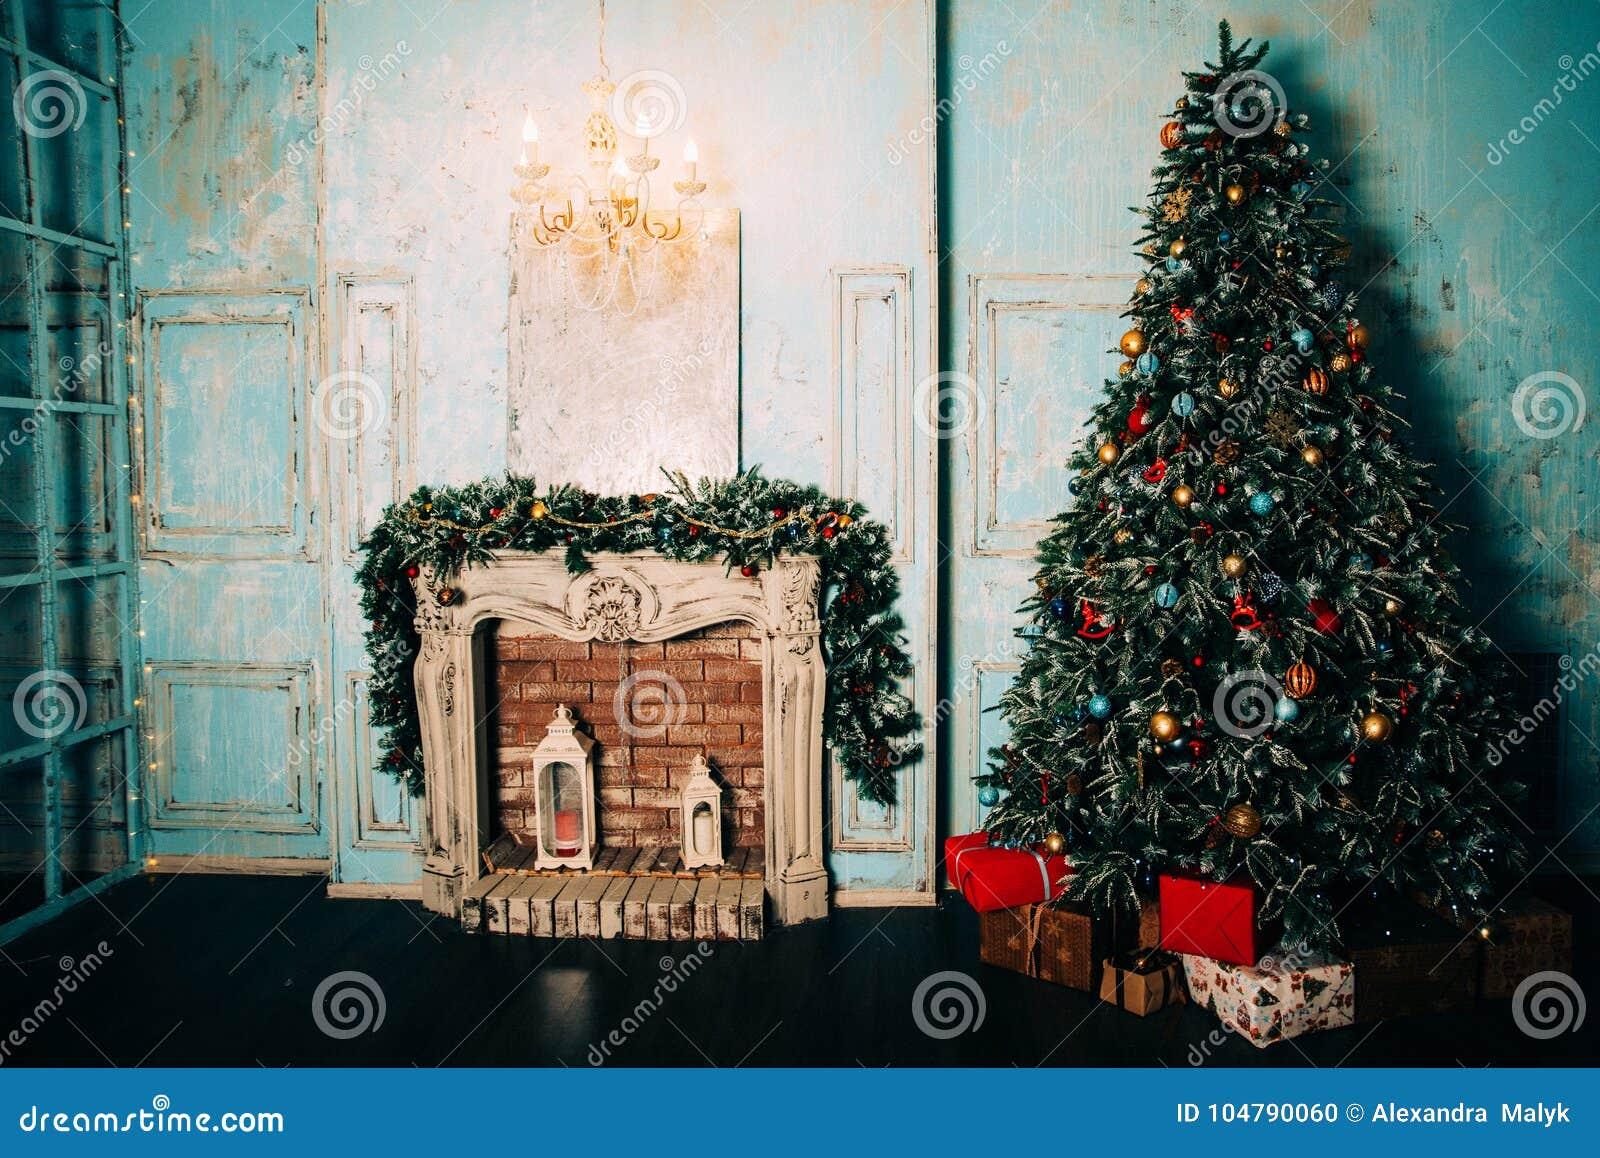 Decoration De Noel Dans L Interieur Grunge De Chambre Avec La Cheminee Chaise De Basculage D Enfants De Cheval Arbre Classique Photo Stock Image Du Dans Decoration 104790060